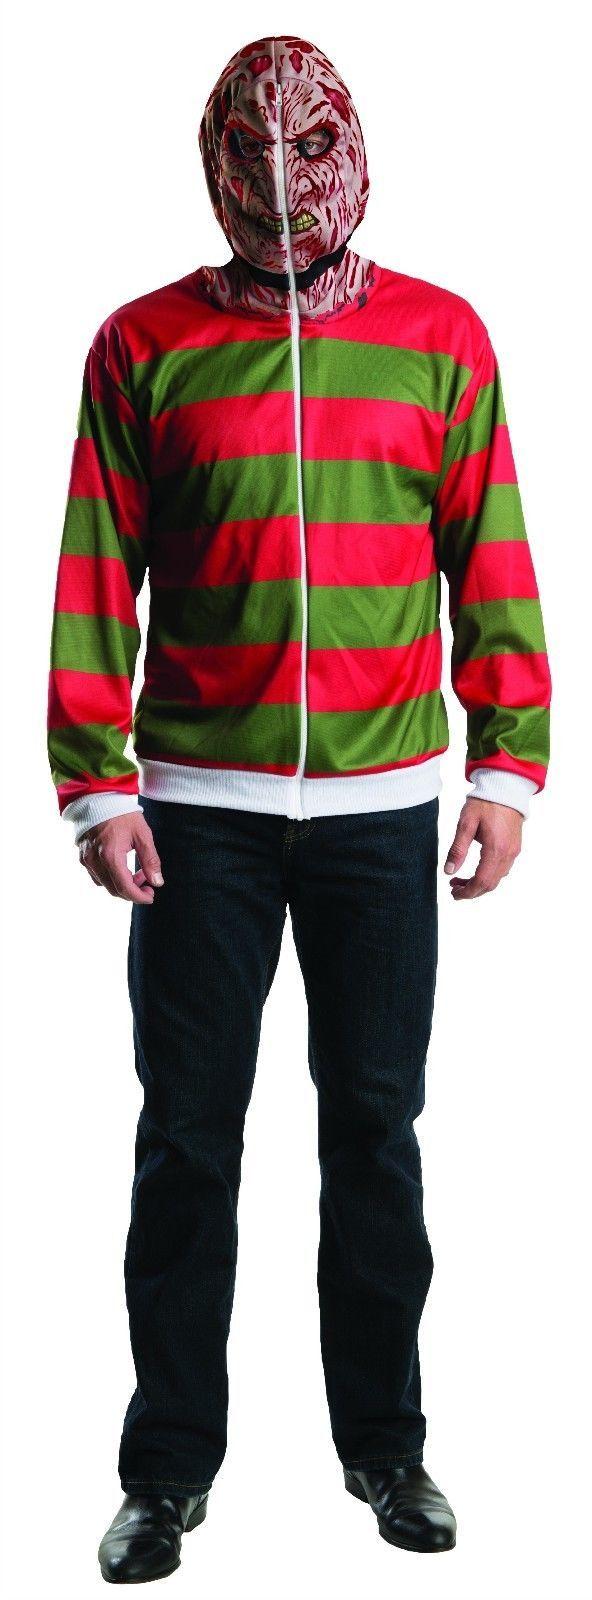 Nightmare on elm street hoodie